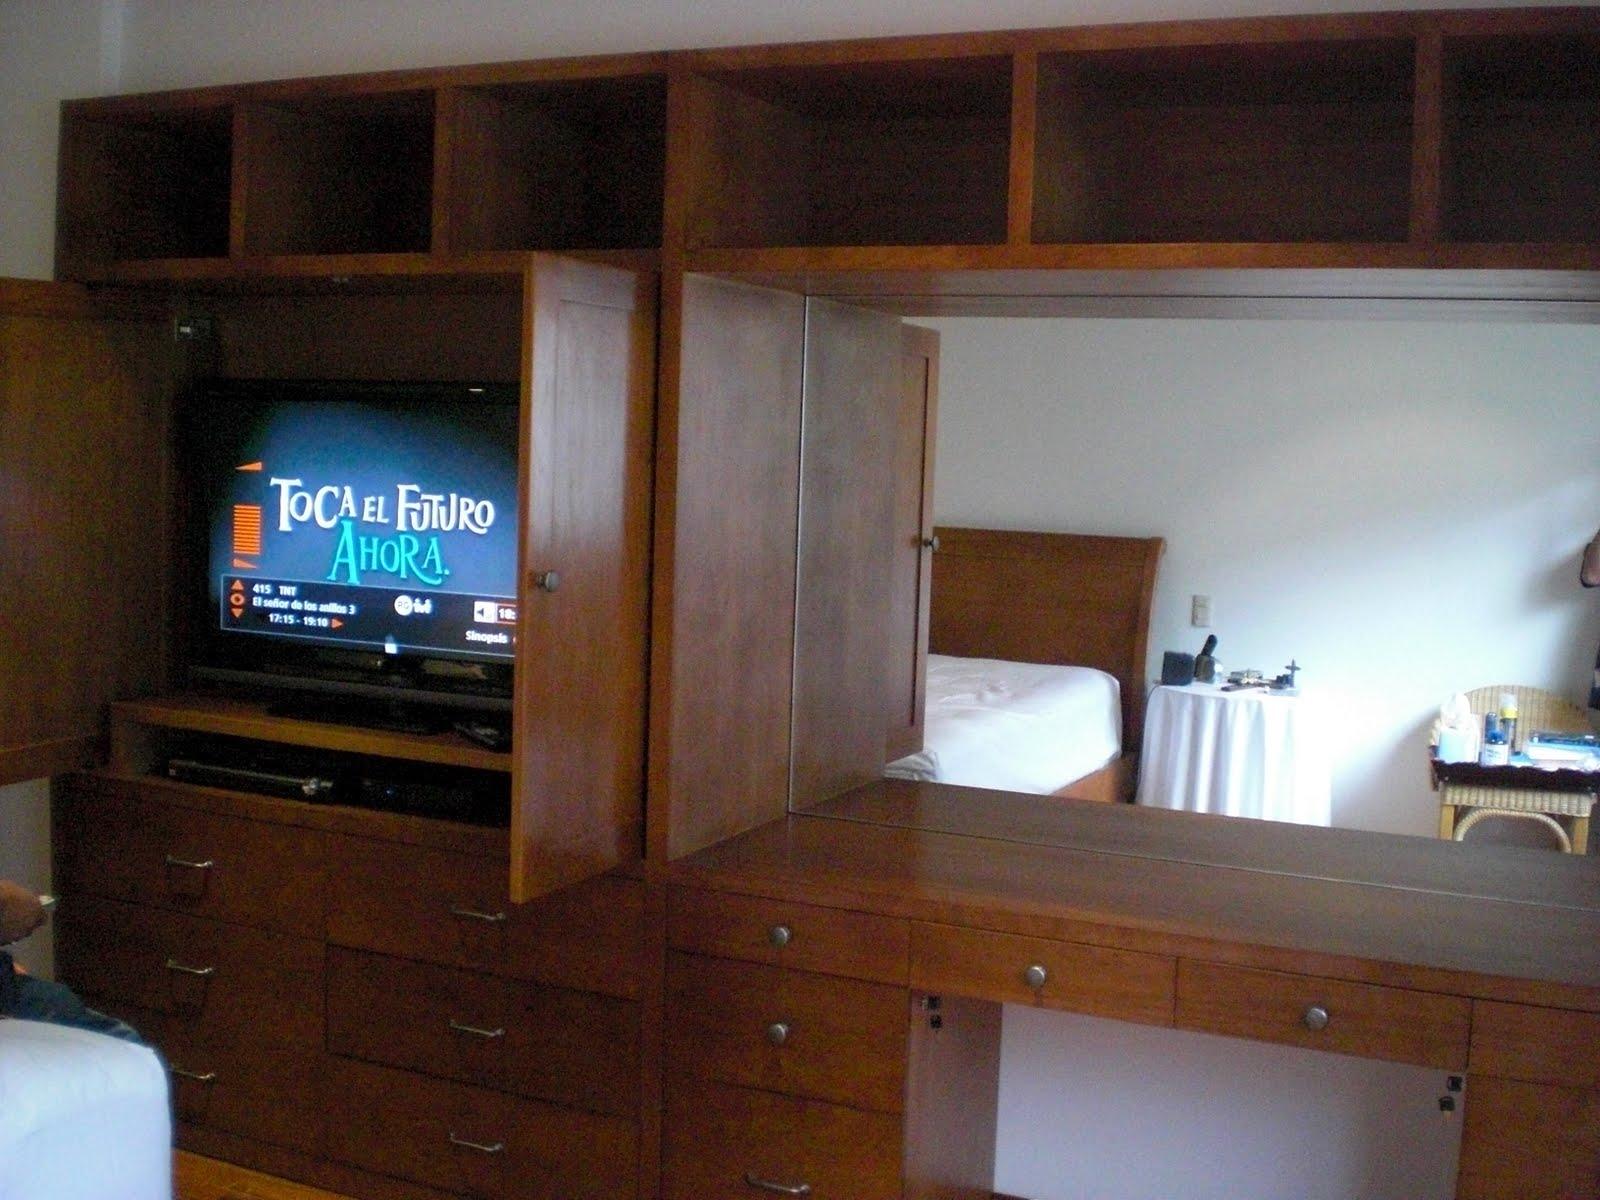 Muebles para t v muebles sobre dise o avl - Mueble para tv con puertas ...